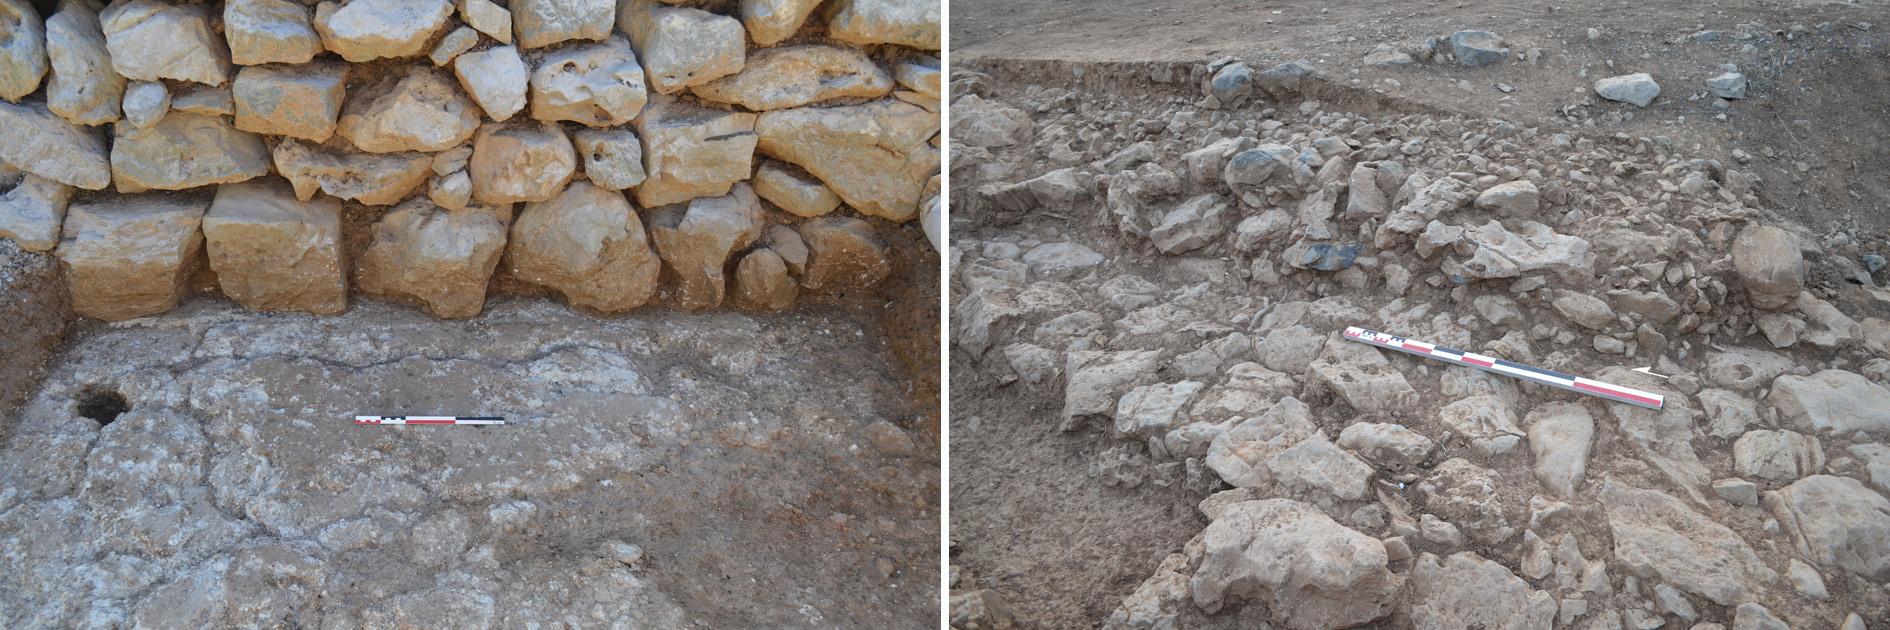 Figure 6. Le mur Ouest de la pièce 2 du Bâtiment Dessenne érigé sur un niveau de sol en plâtre prépalatial (gauche), et le pavement de la rue prépalatiale recouverte d'un remblai à l'Est du Bâtiment Dessenne (droite). Clichés M. Devolder ©EFA